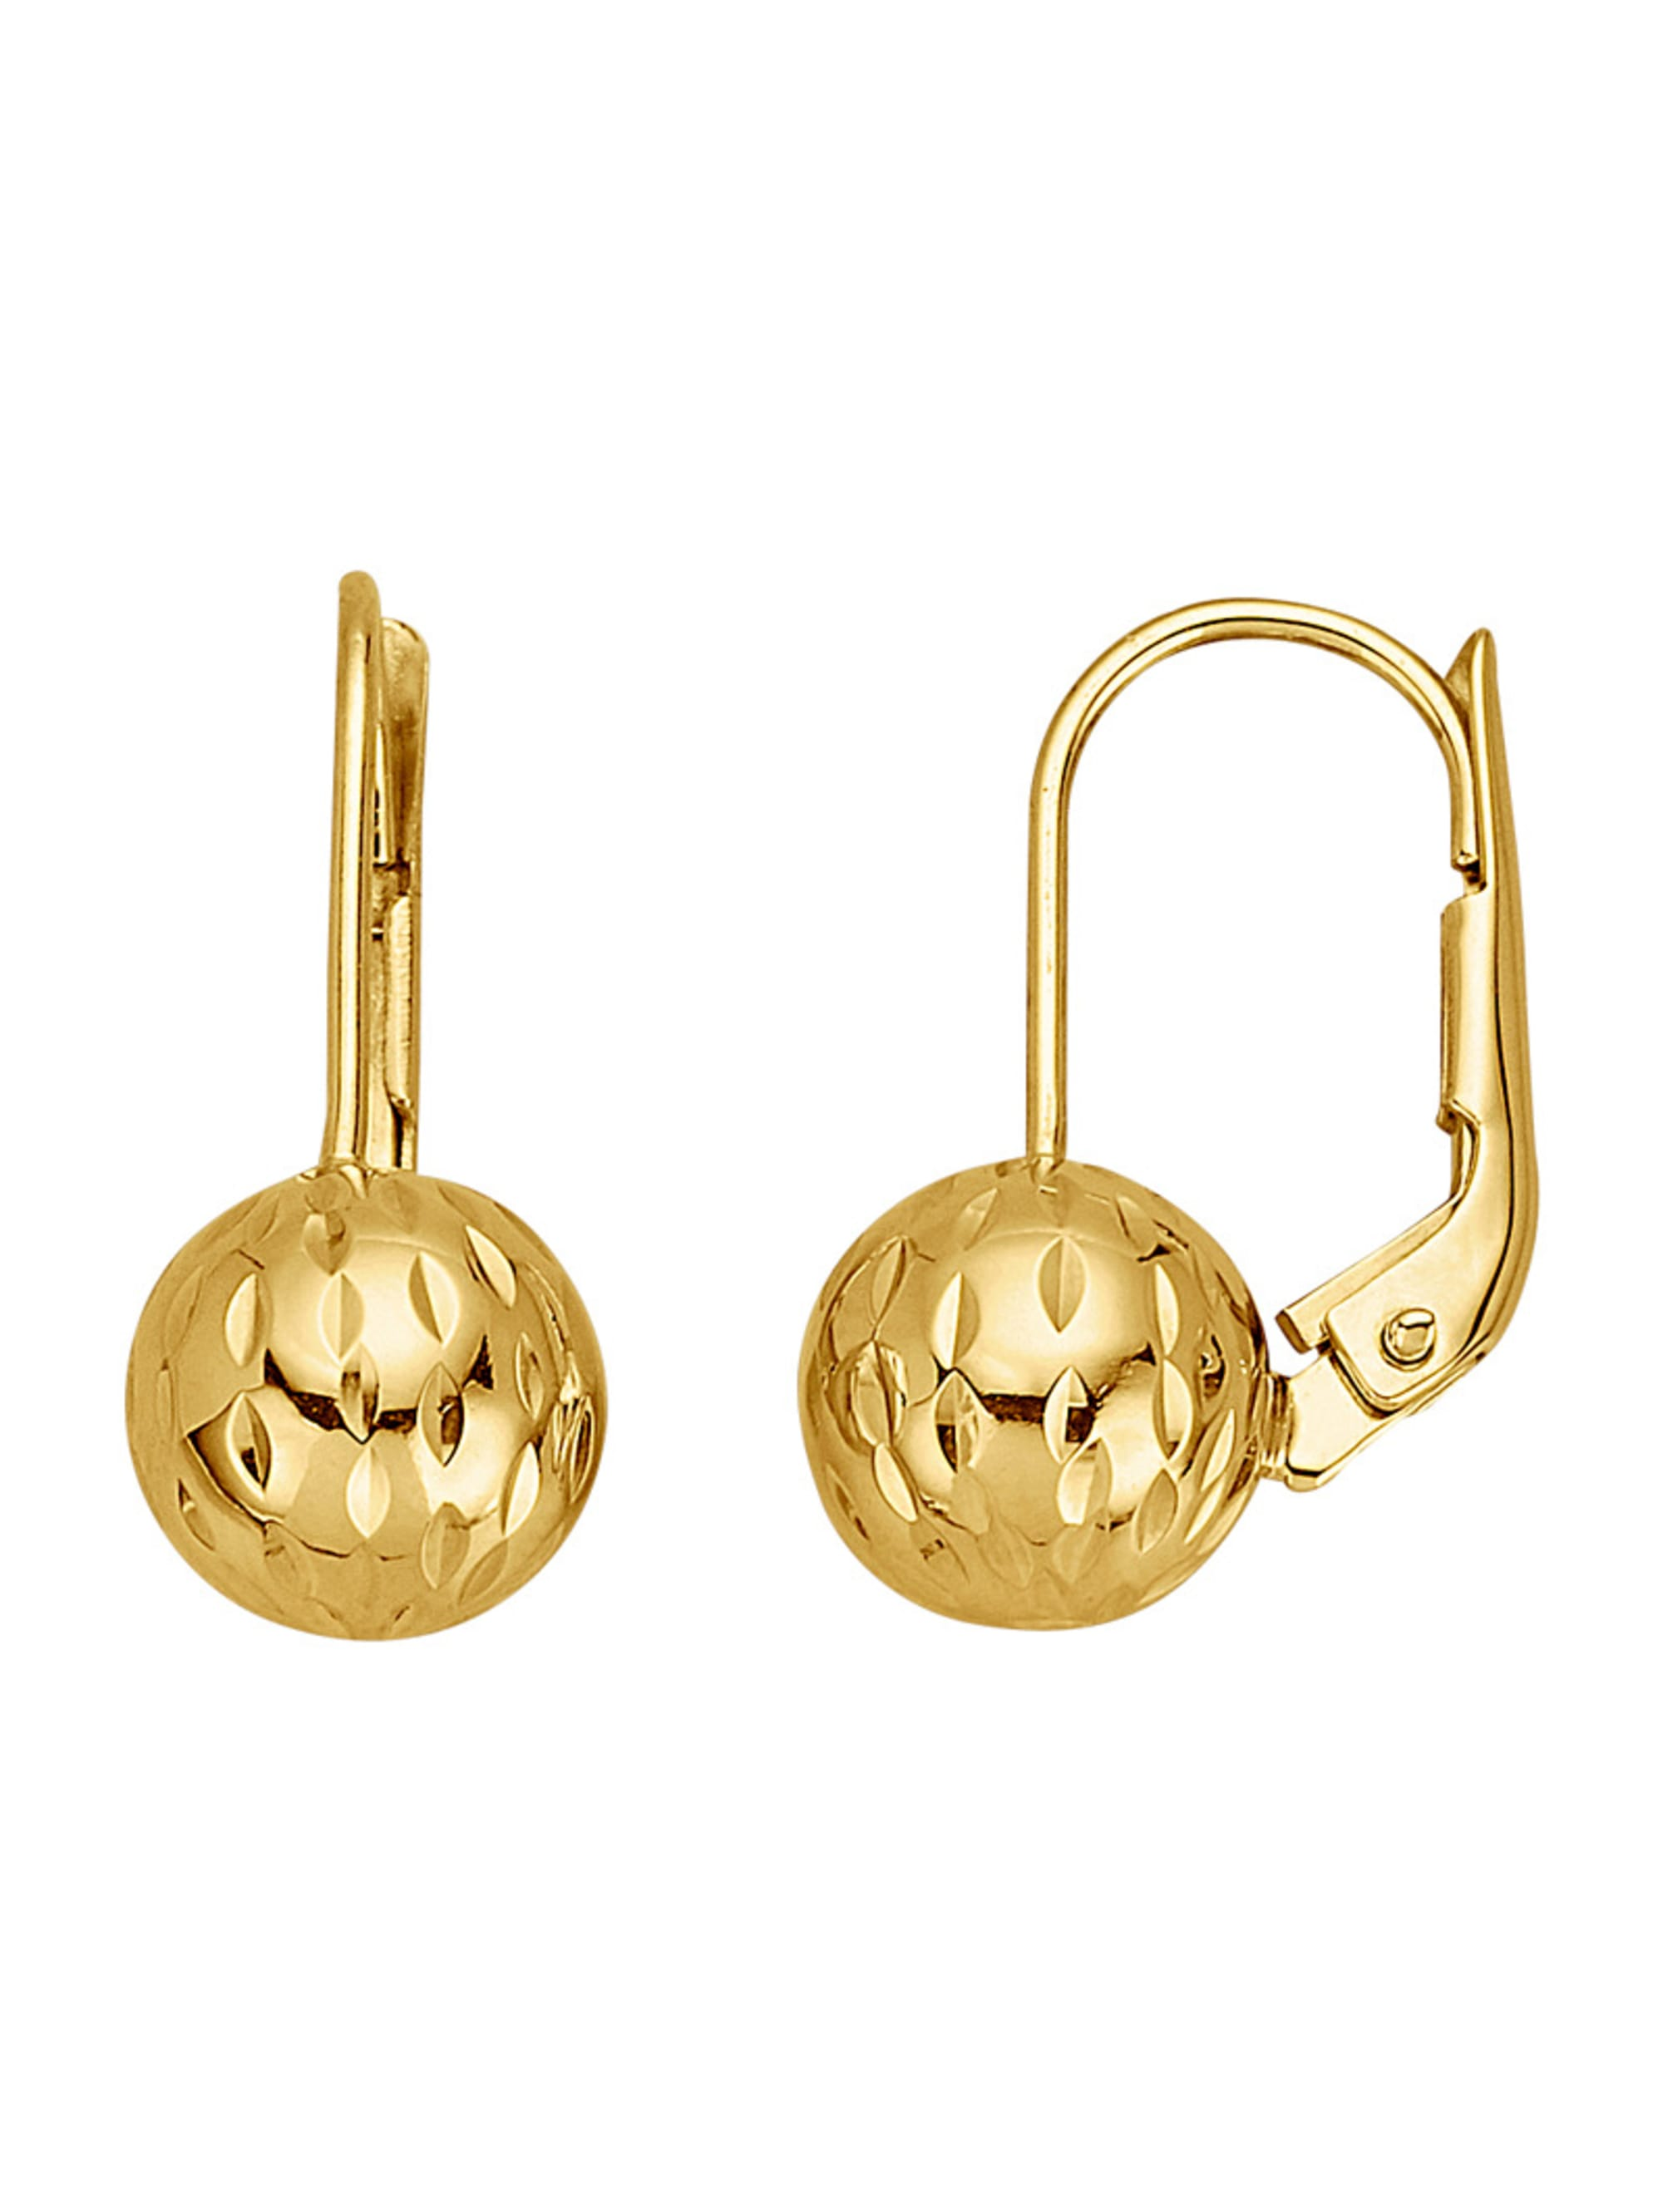 Kugel-Ohrringe in Gelbgold jIK6j